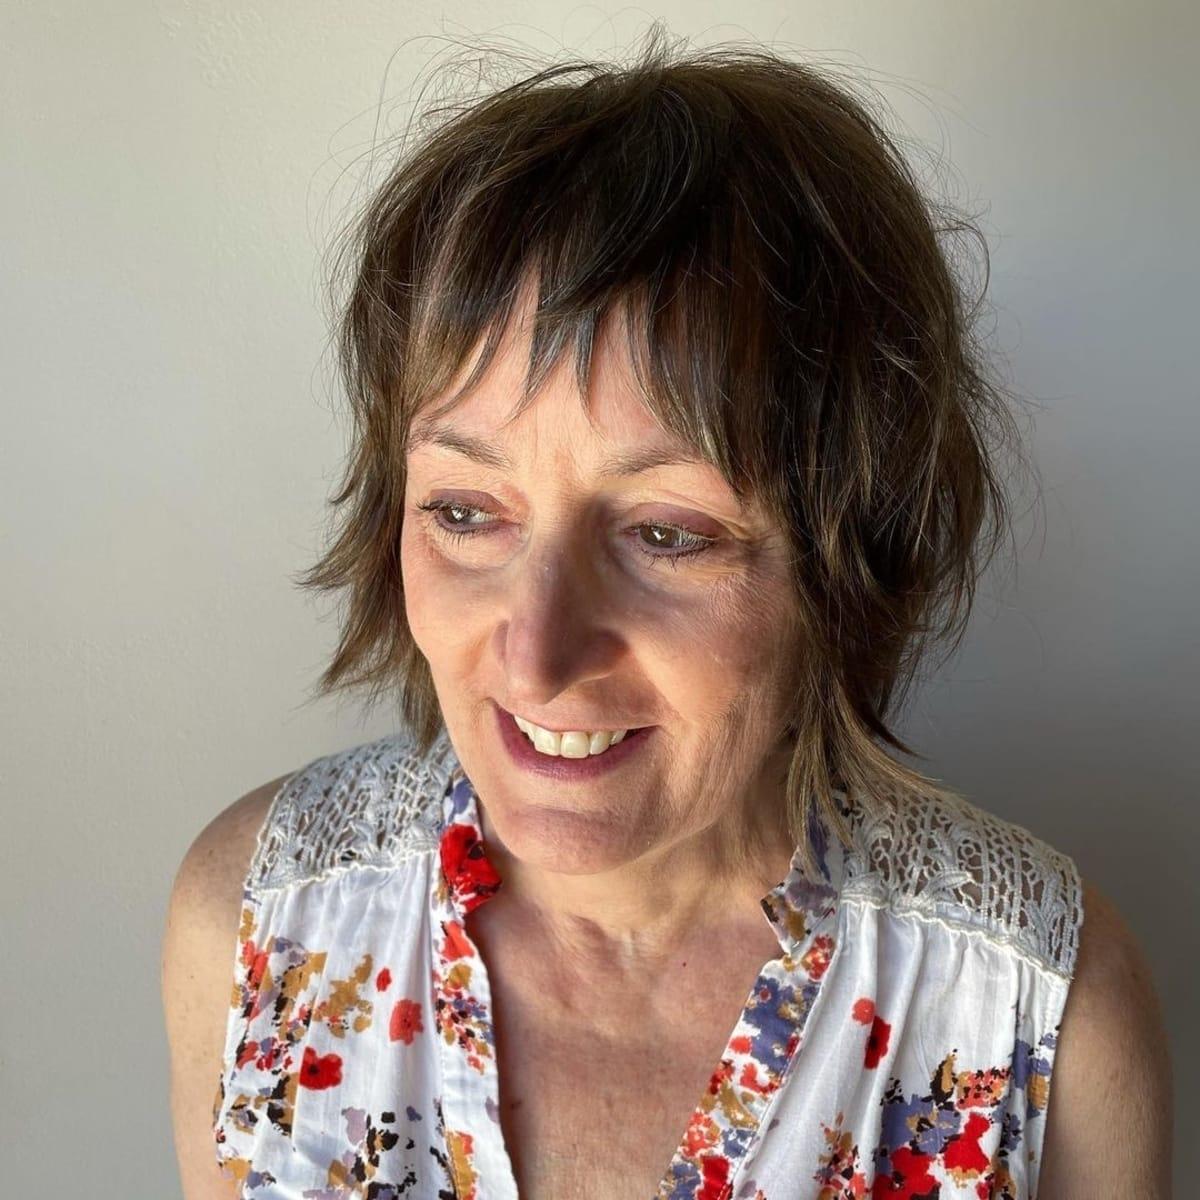 Bob entrecortado de bajo mantenimiento con flequillo para mujer de sesenta años de pelo fino